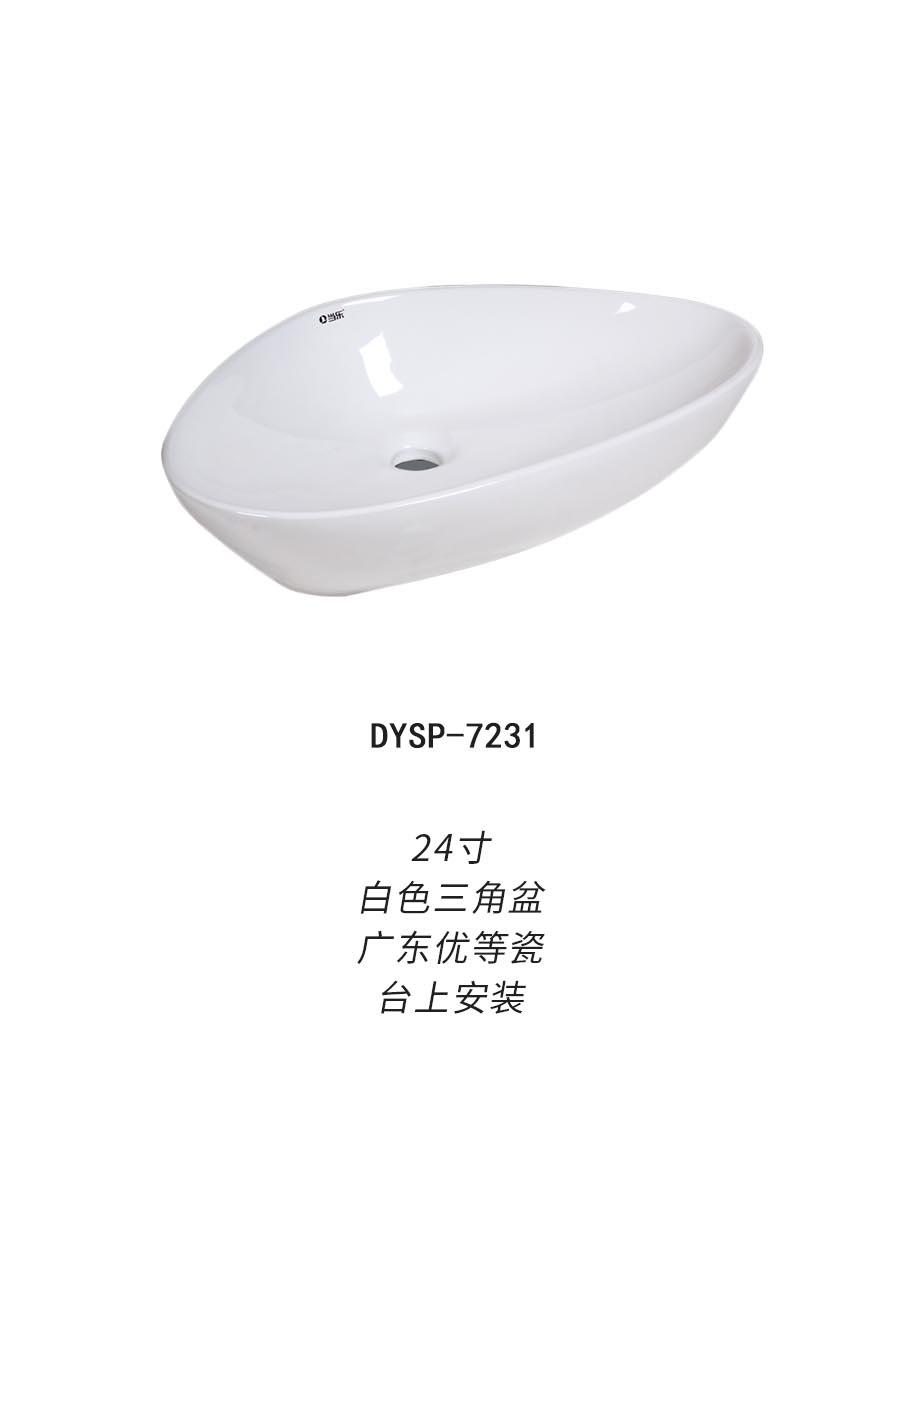 dysp-7231b.jpg